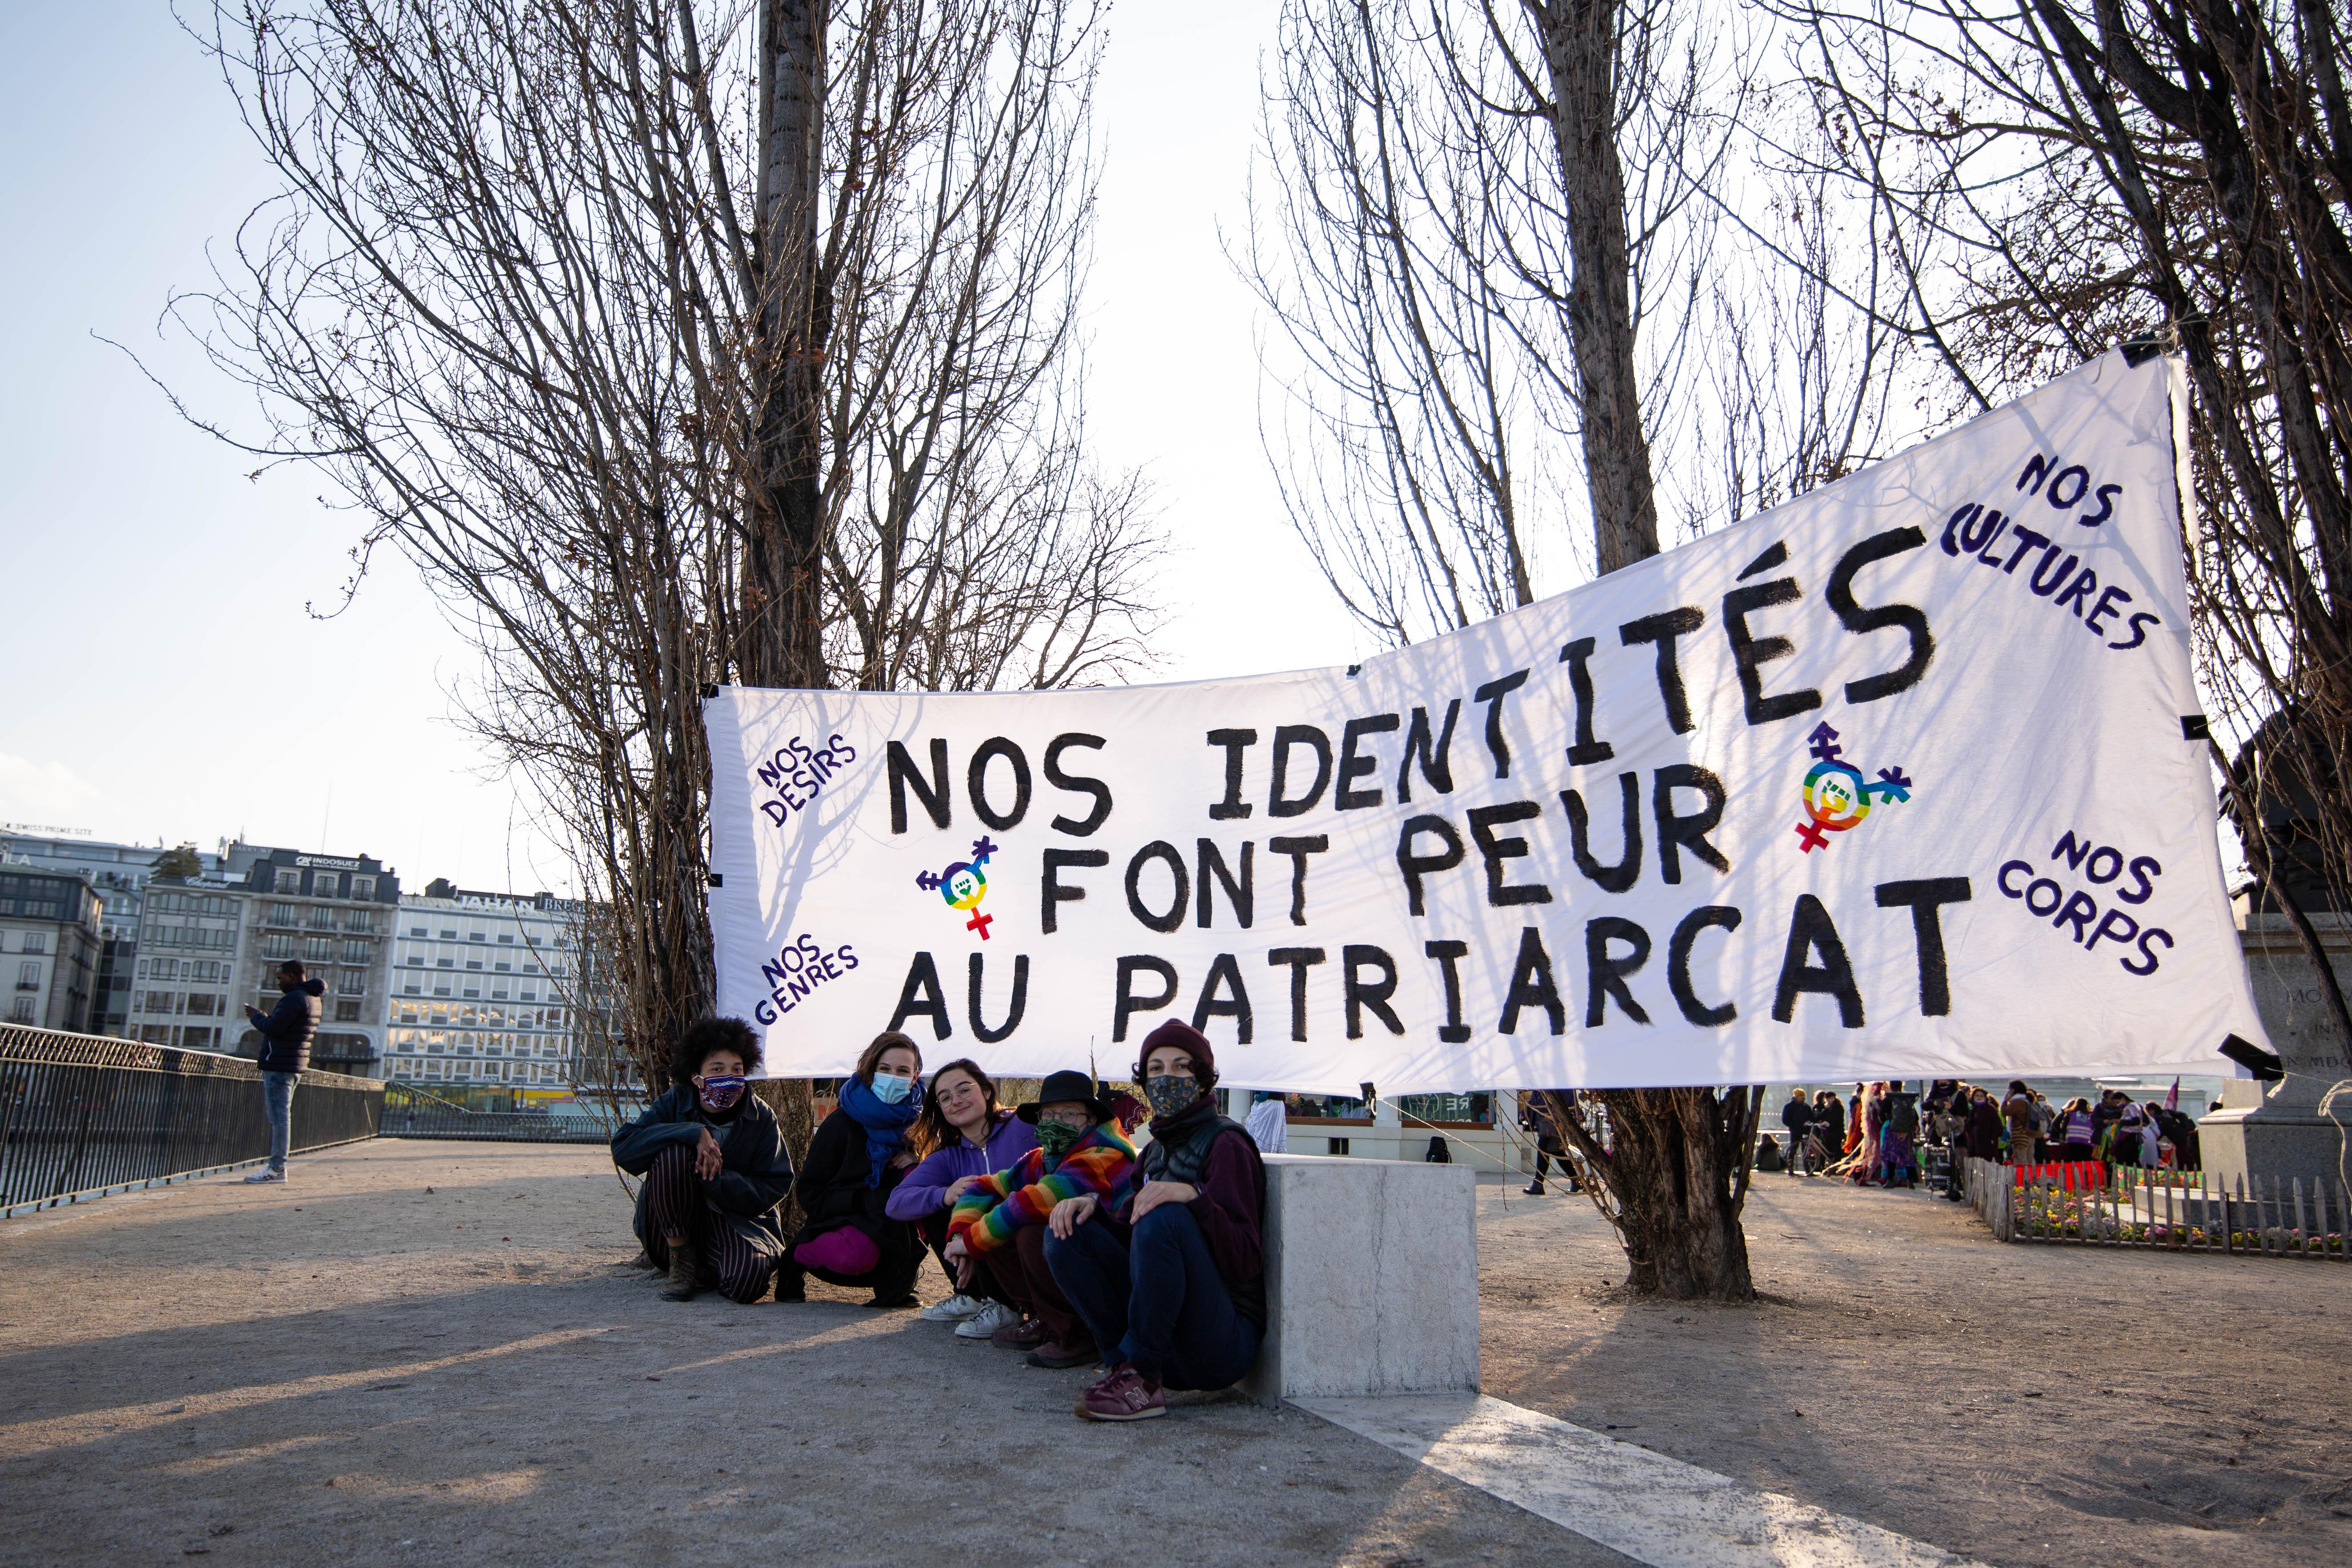 LGBTIQ de la grève féministe Wikimedia username: Roblox-stuck URL: https://commons.wikimedia.org/wiki/user:Roblox-stuck author name string: Roblox-stuck